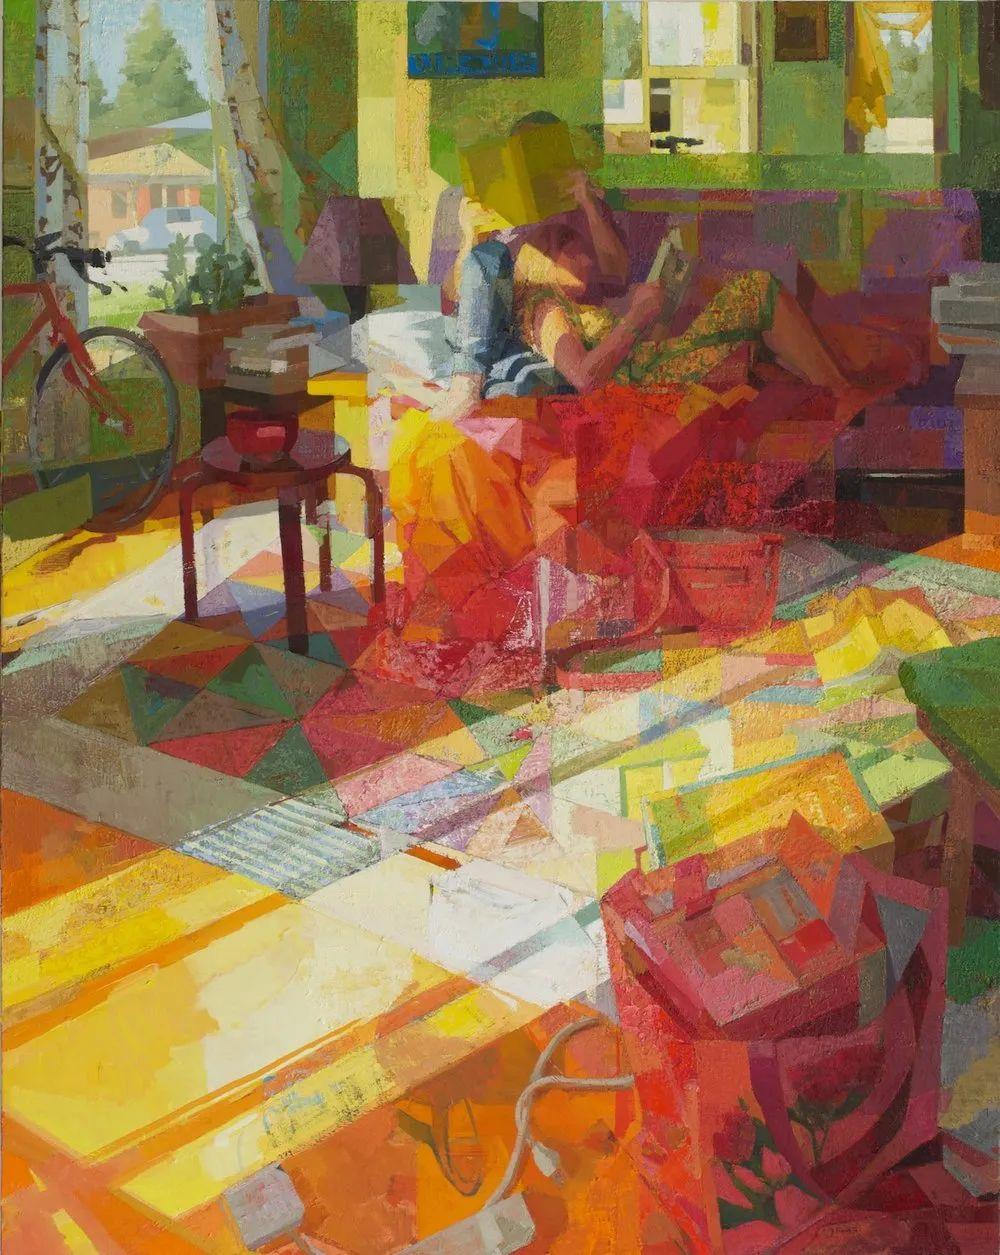 具象绘画,美国女画家佐伊·弗兰克插图17